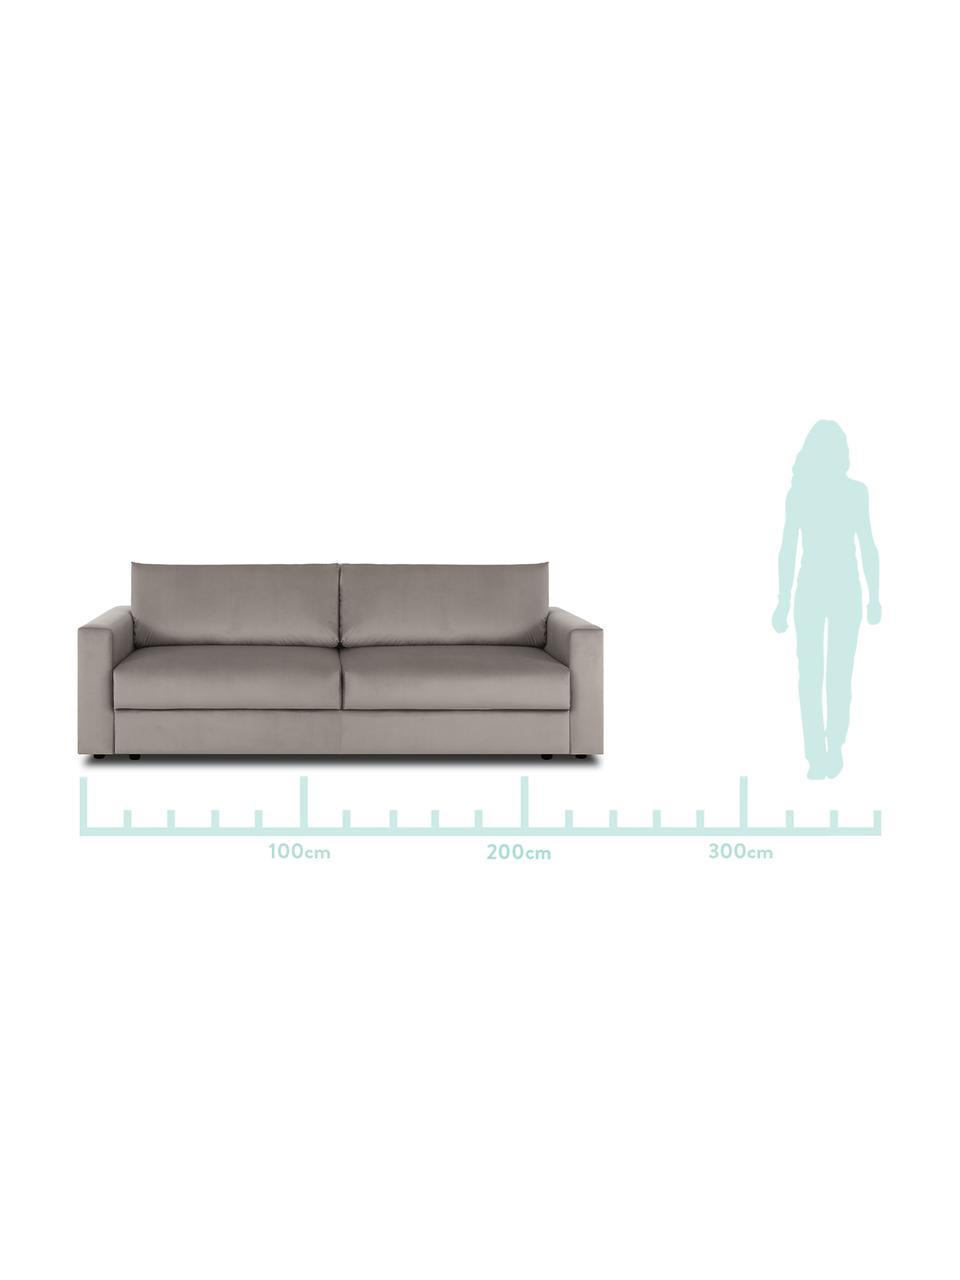 Sofa z aksamitu z funkcją spania Tasha, Tapicerka: aksamit (100% poliester) , Stelaż: lite drewno sosnowe, skle, Nogi: tworzywo sztuczne, Aksamitny beżowy, S 235 x G 100 cm